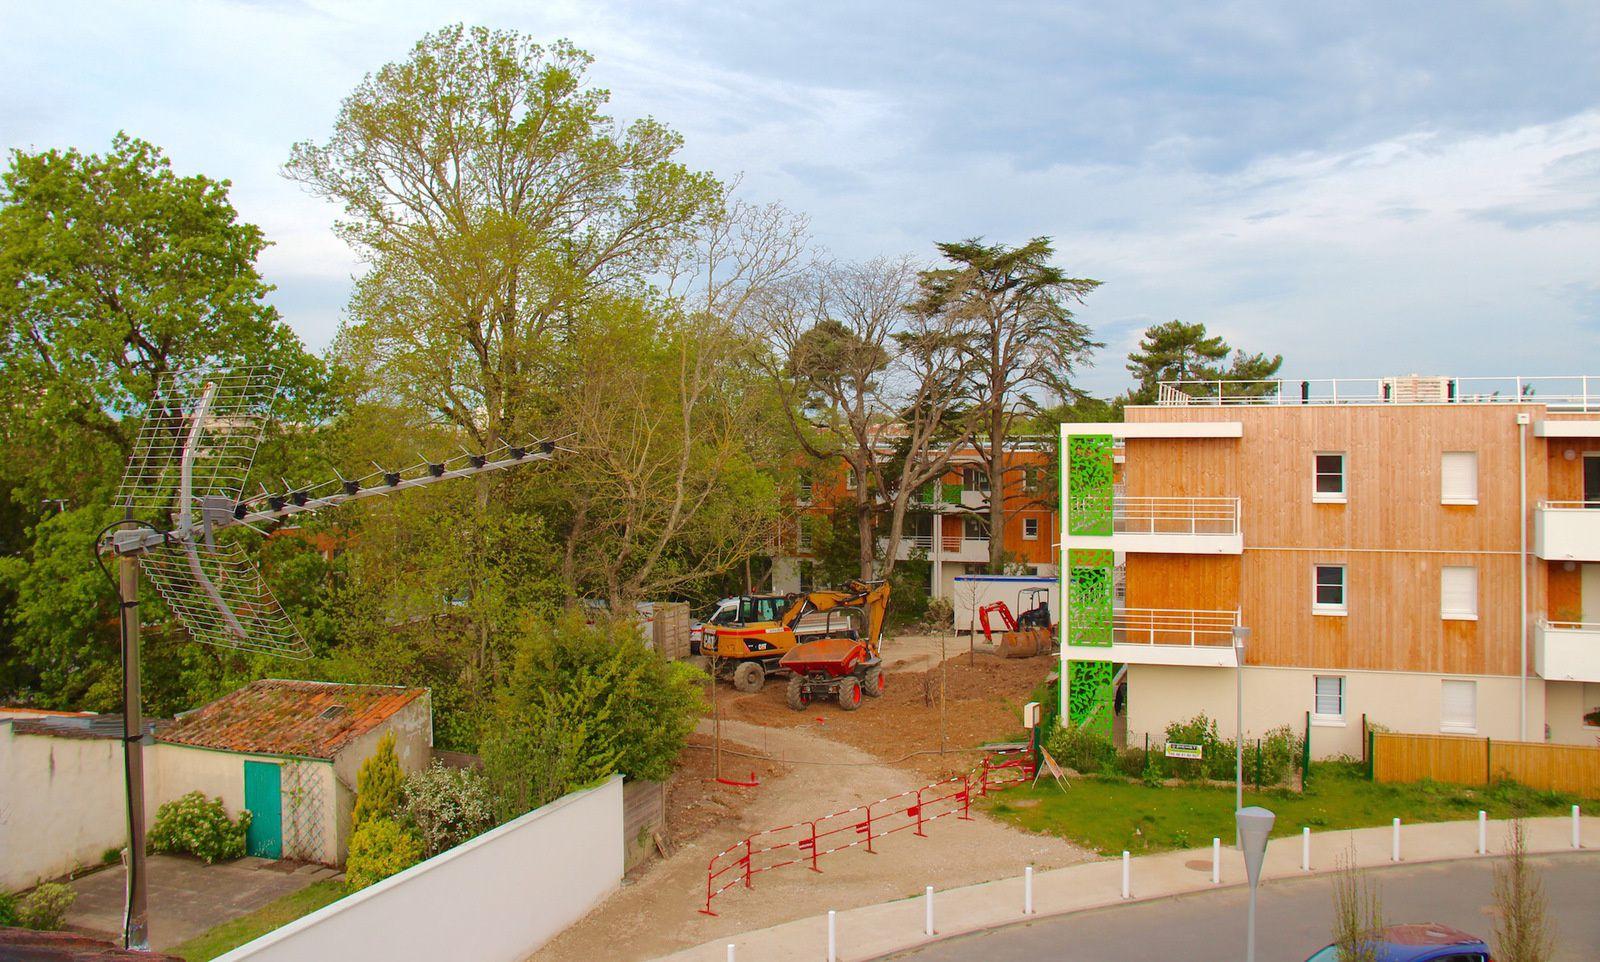 L'aménagement des espaces verts annonce la fin d'un chantier qui aura duré trois ans.